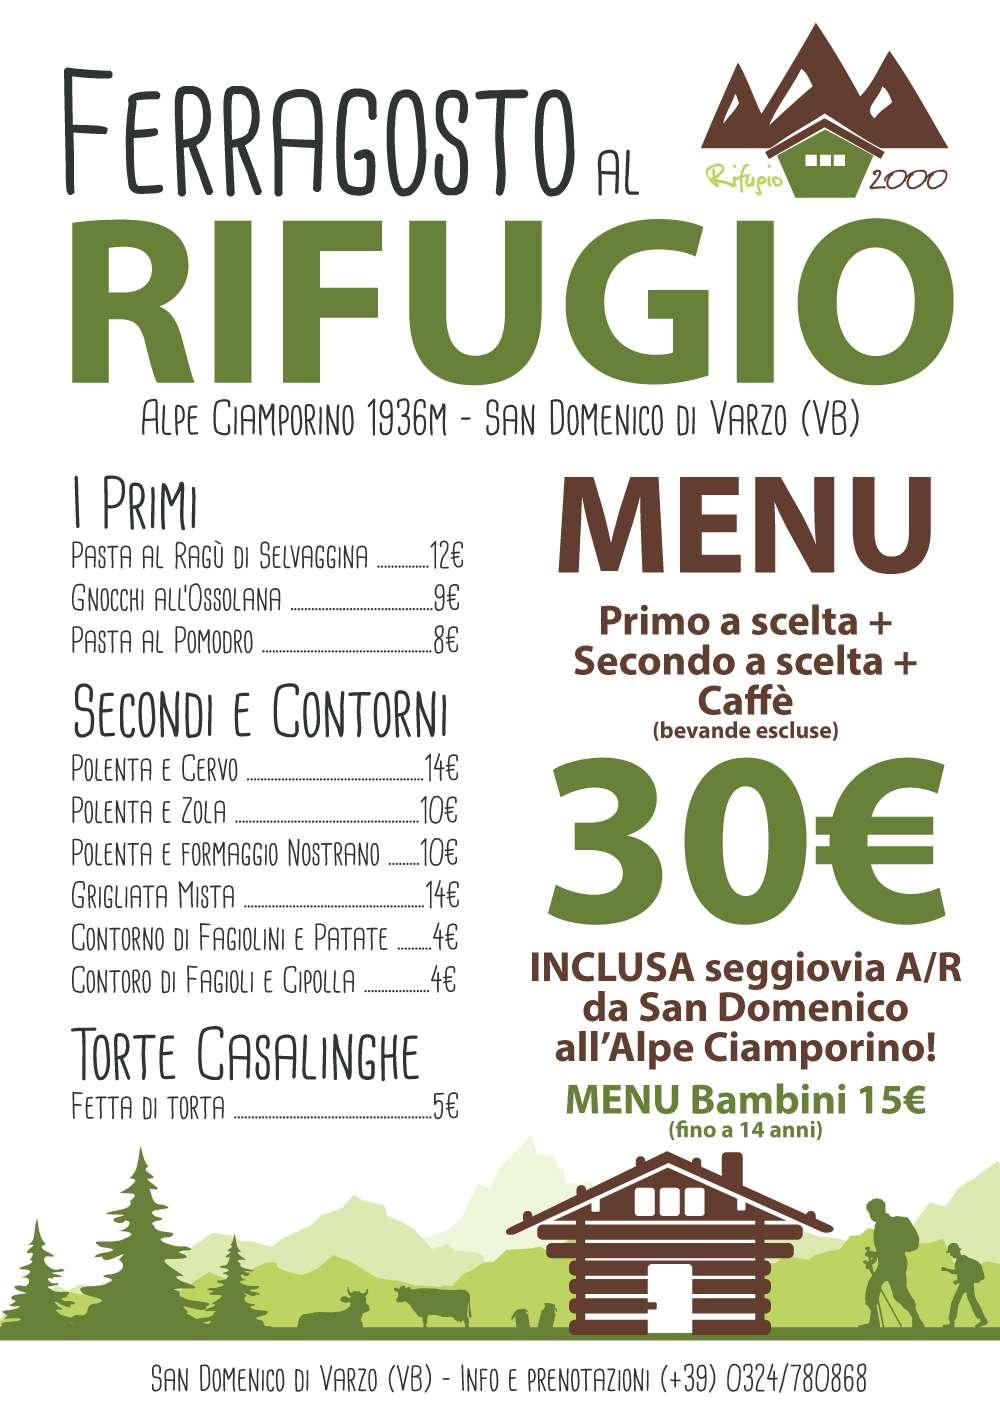 Menu_rifugio2000_Ferragosto_2021